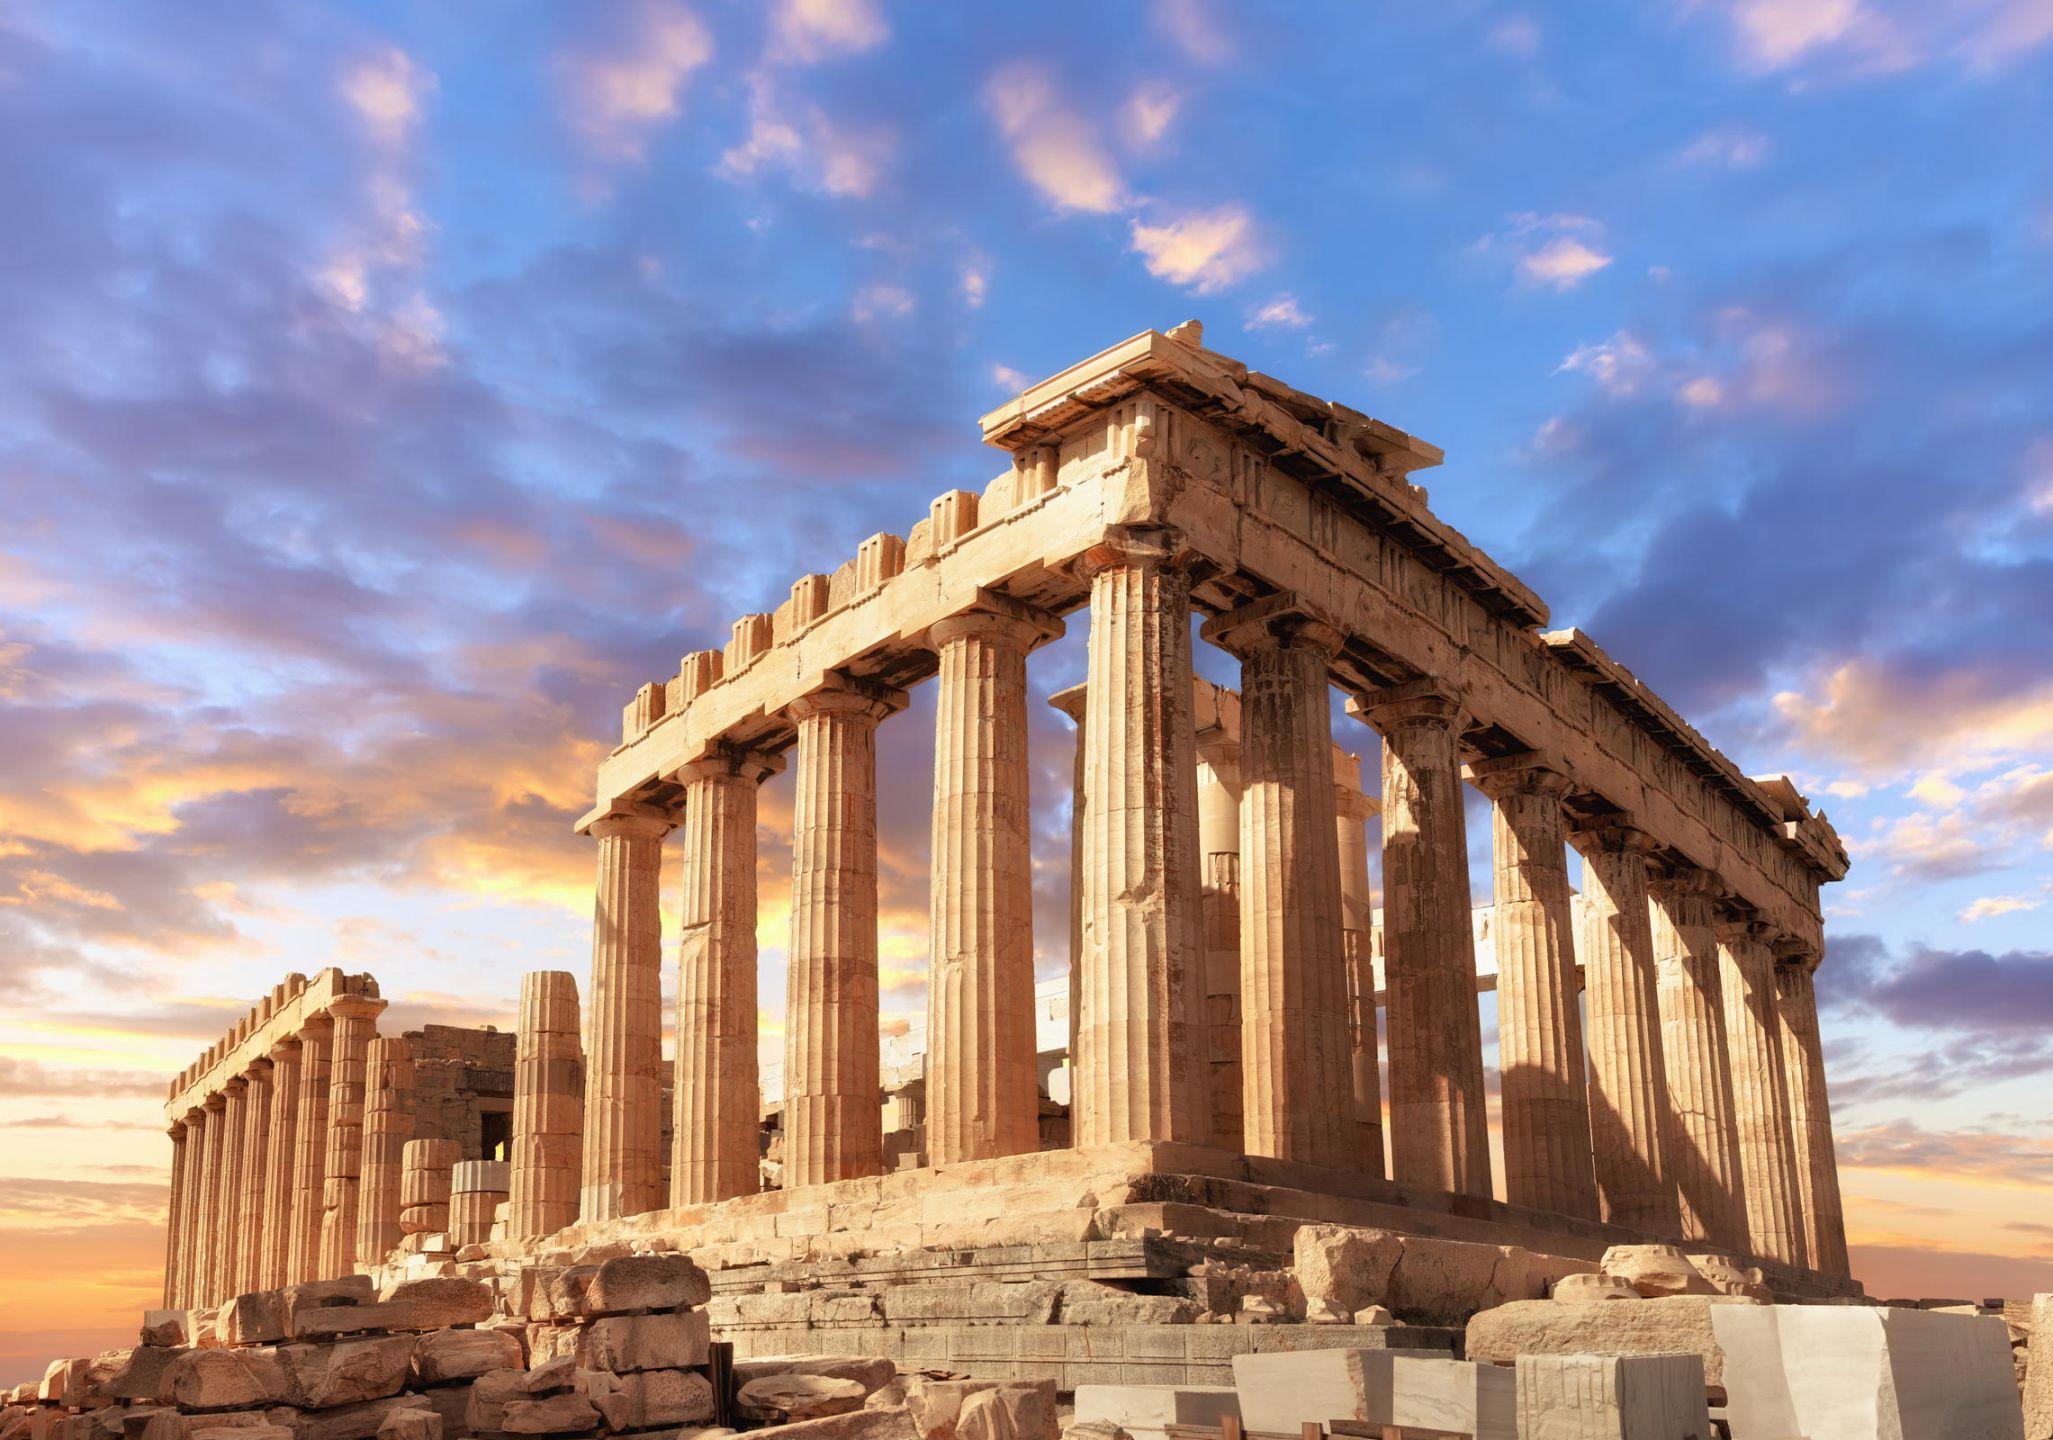 почему-то греческий парфенон картинки так